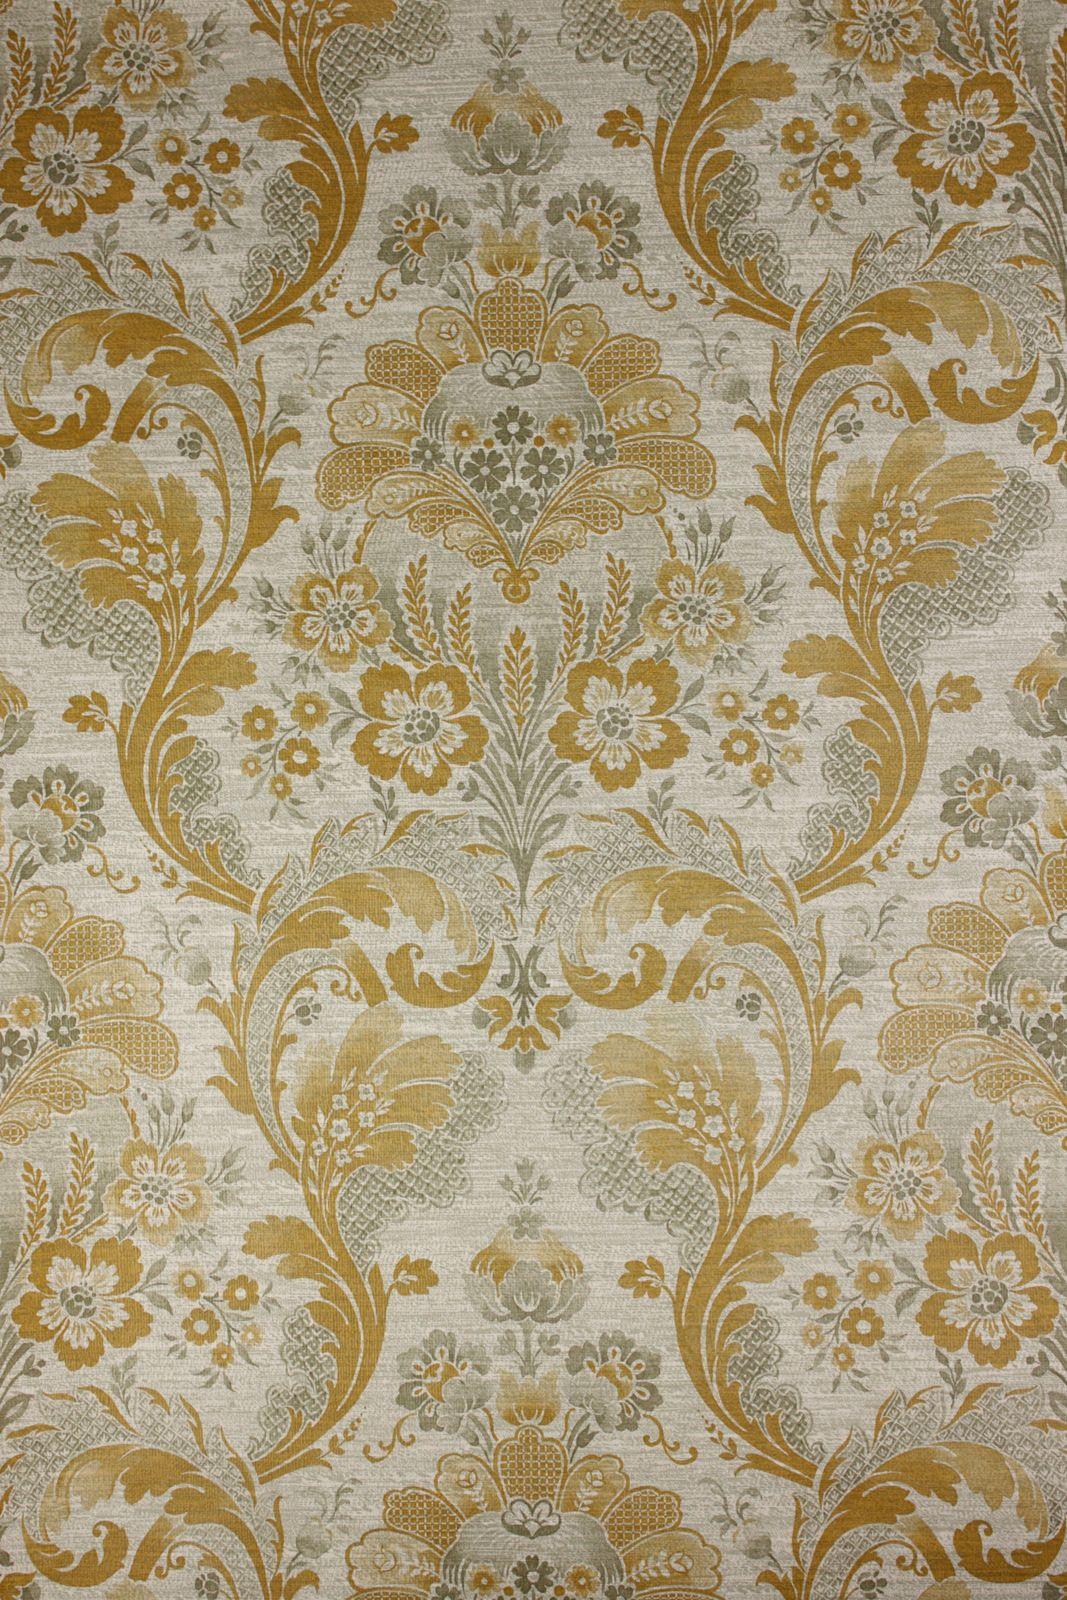 Klassiek barok behang  Swiet  Patterns and Prints in